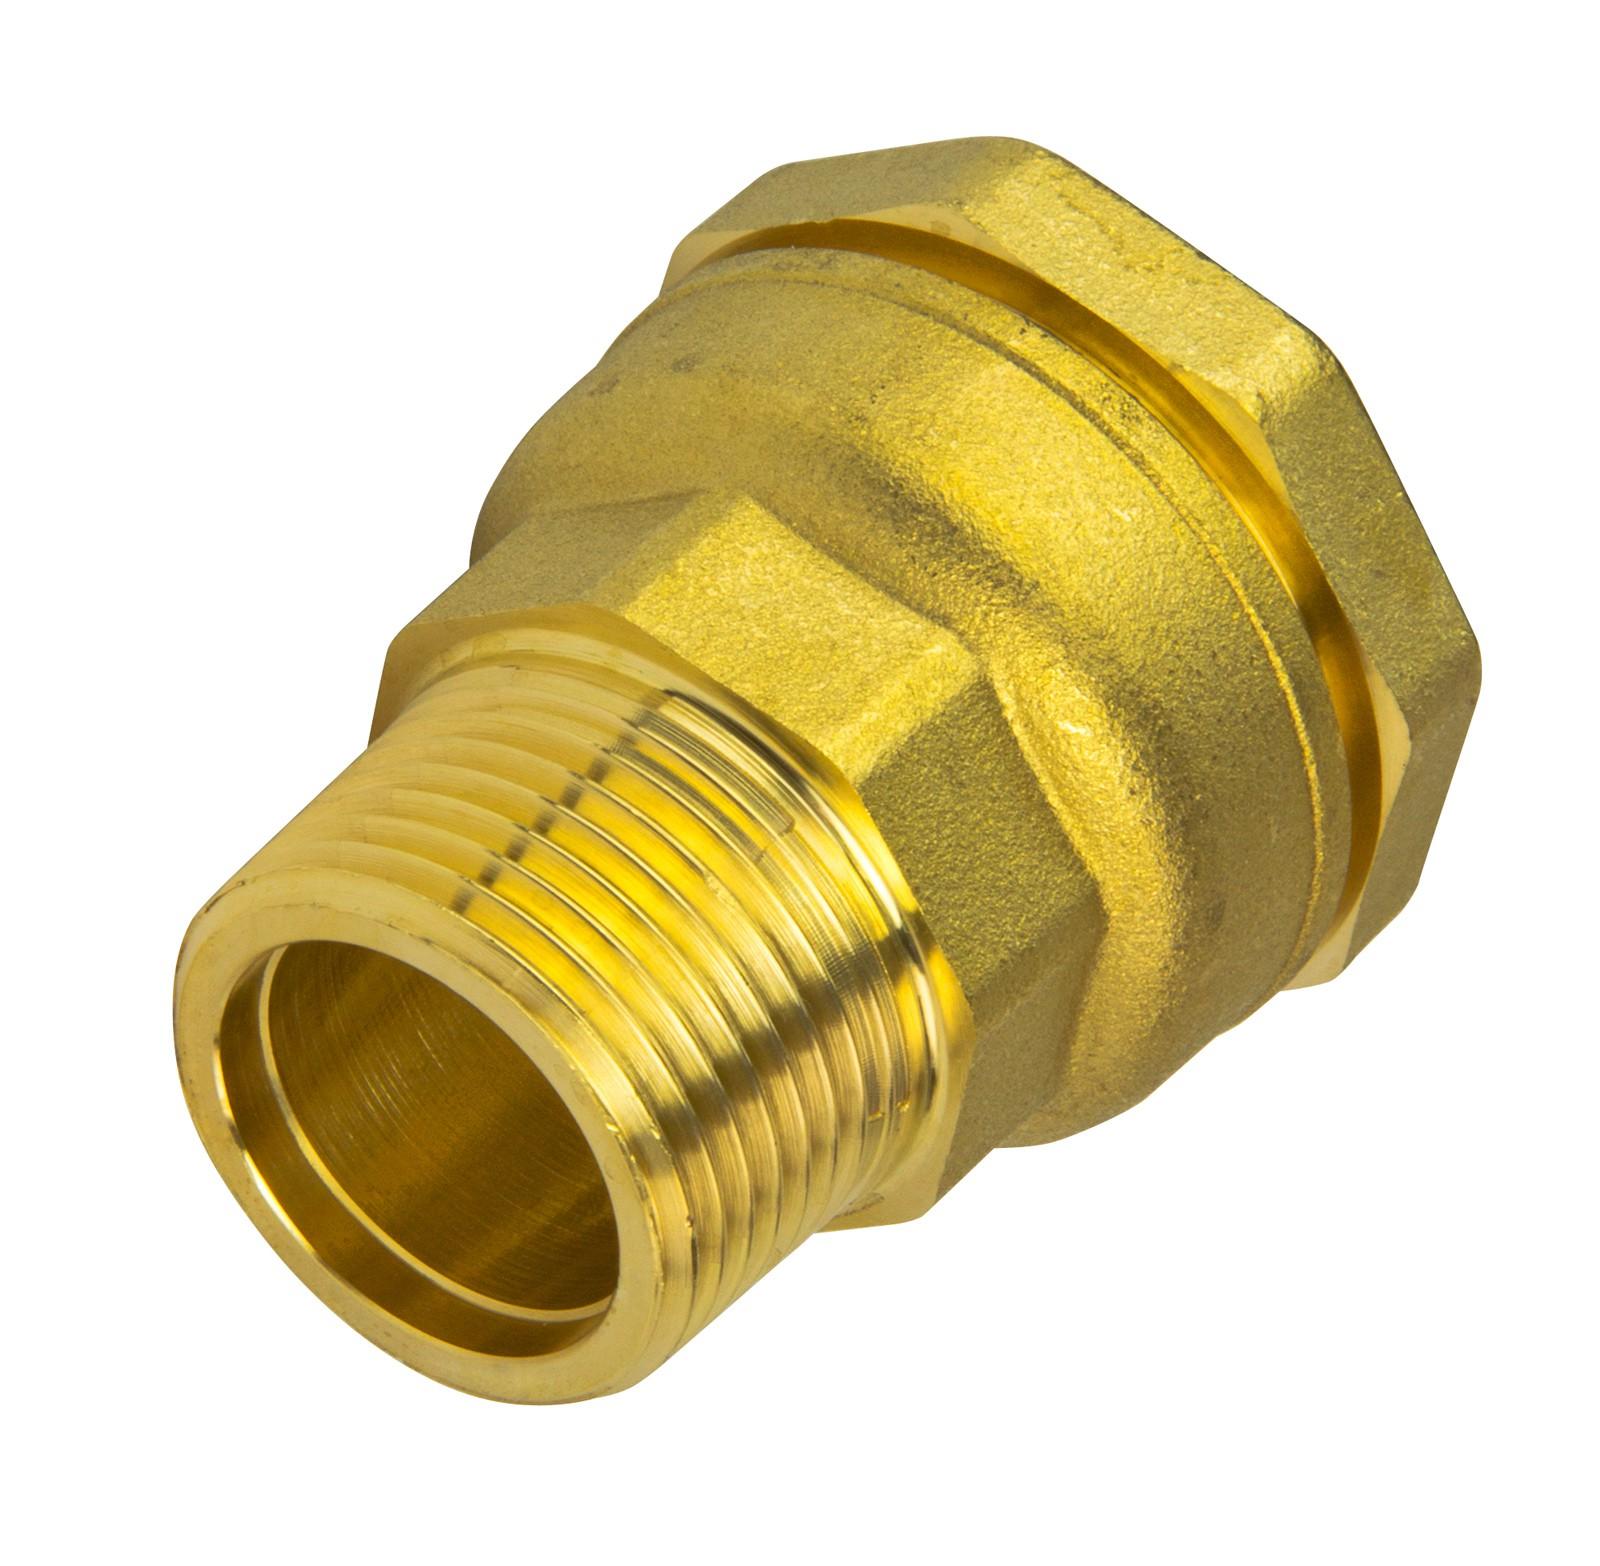 Großartig Messing PE Rohr Verschraubung 32 mm x 3/4 Zoll AG Übergang  OA47